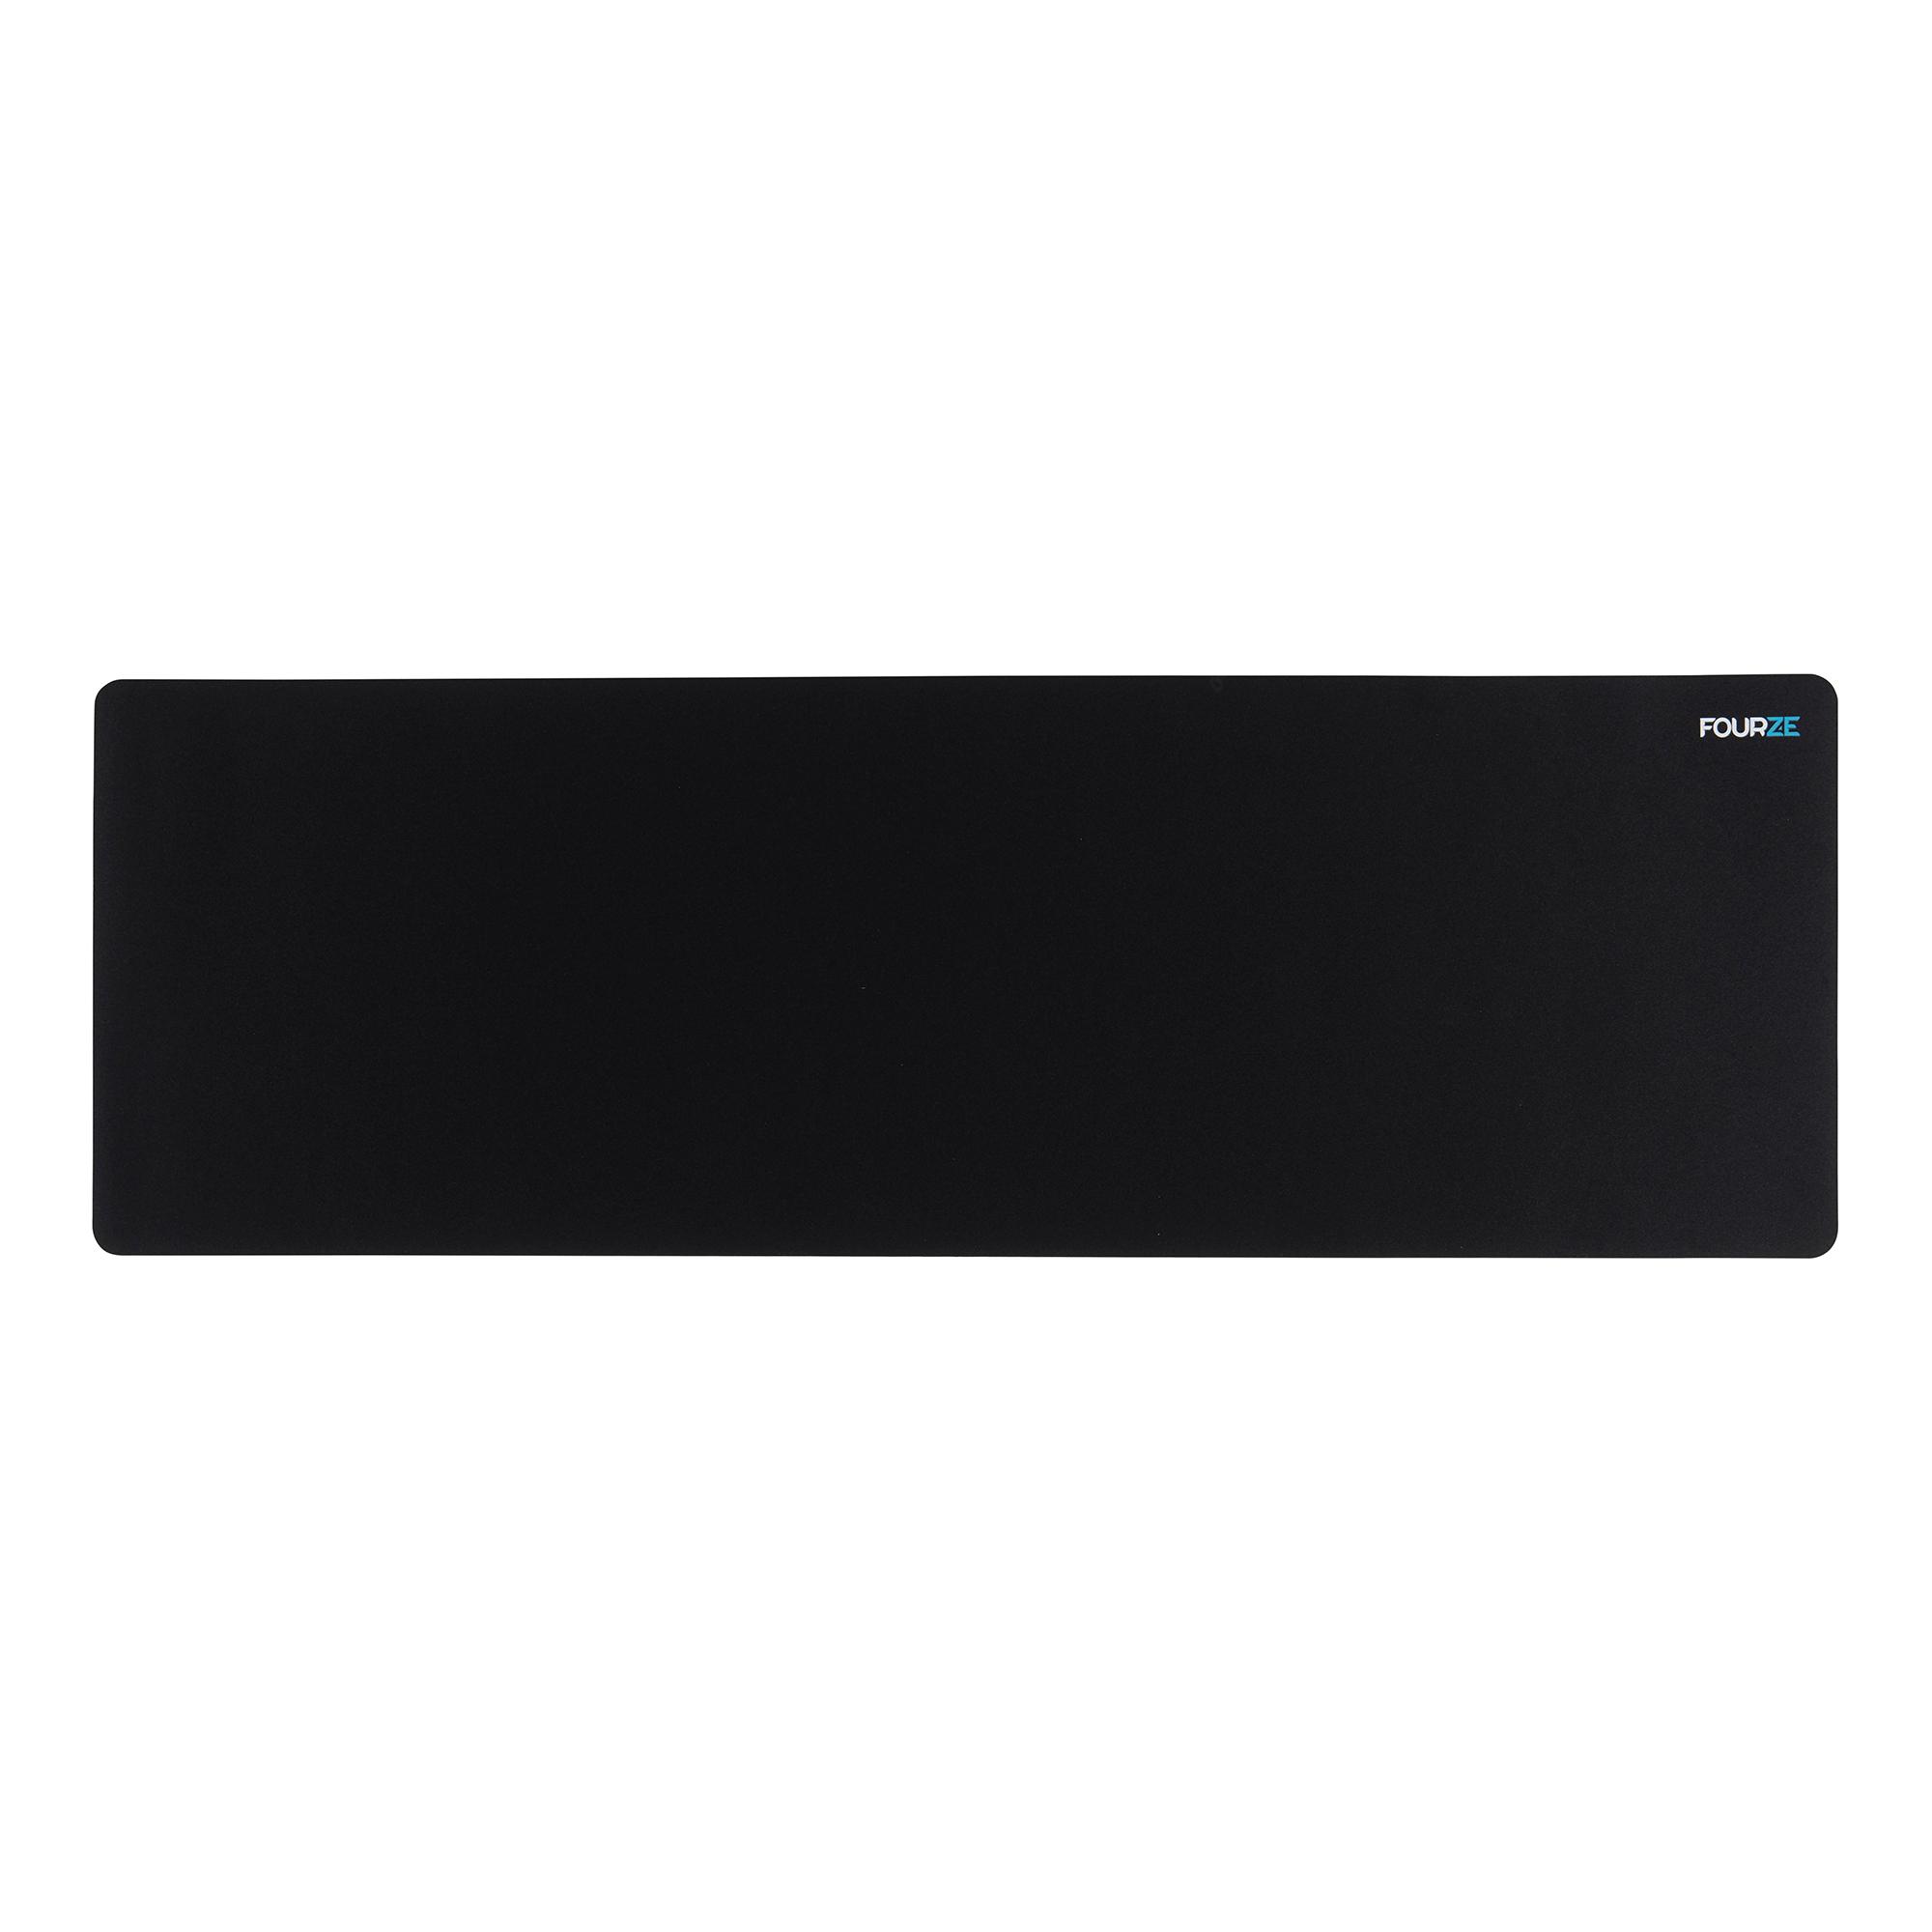 FOURZE MP9030 gaming musemåtte produktbillede. Vist ovenfra